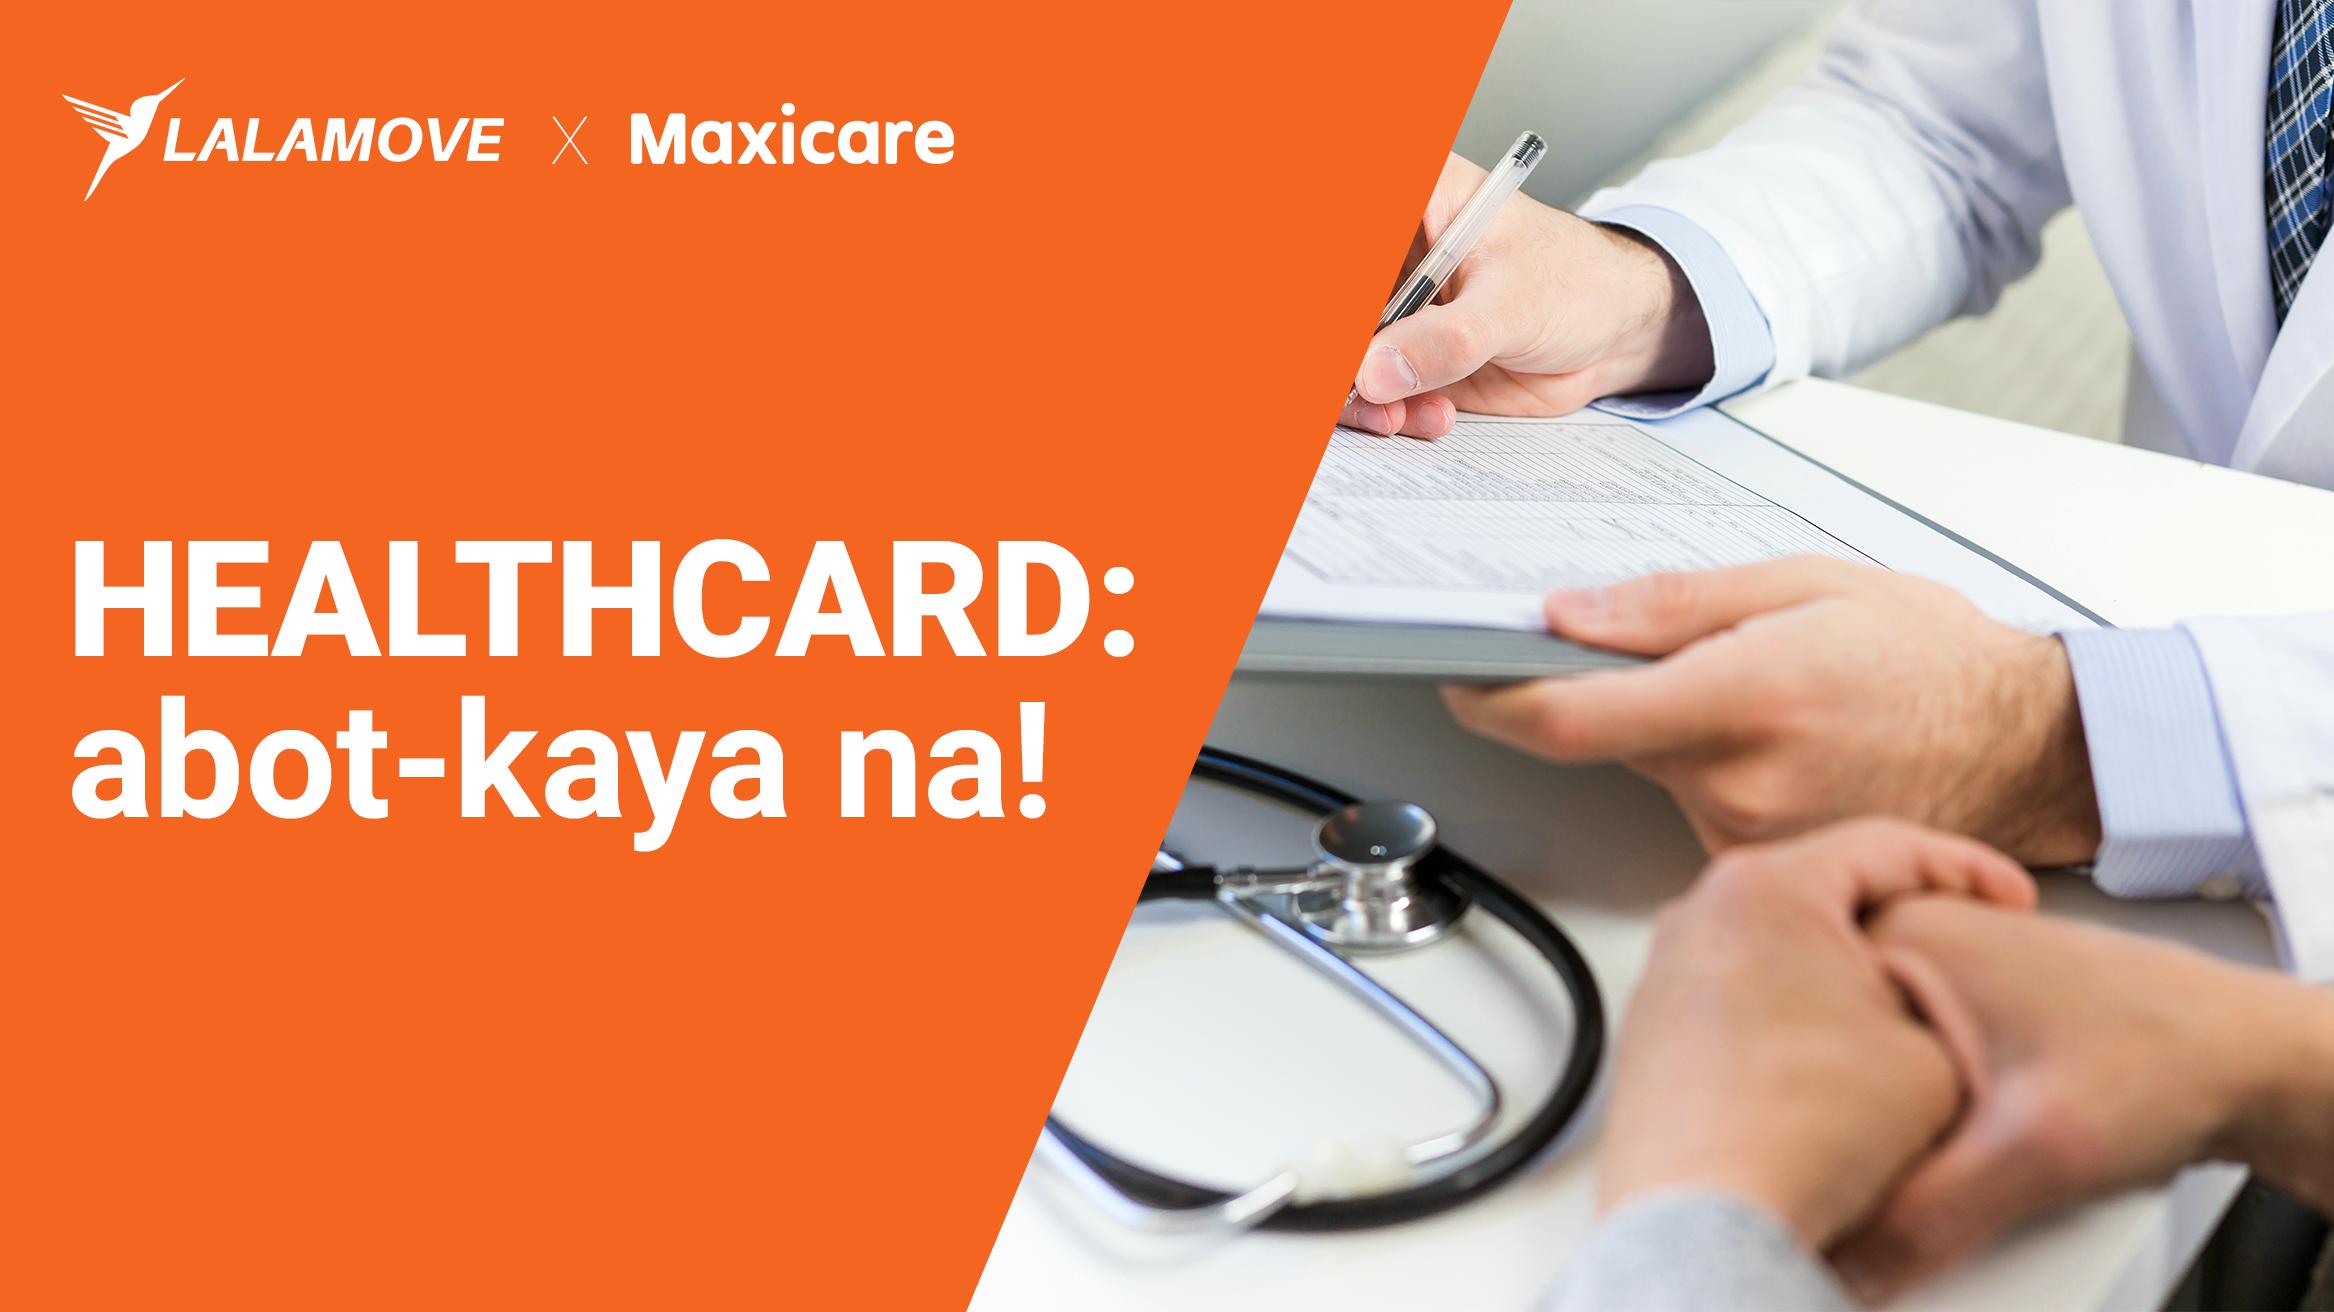 PANALOMOVE: Abot-kayang Maxicare Healthcard para sa mga Lalamove Partner Driver!